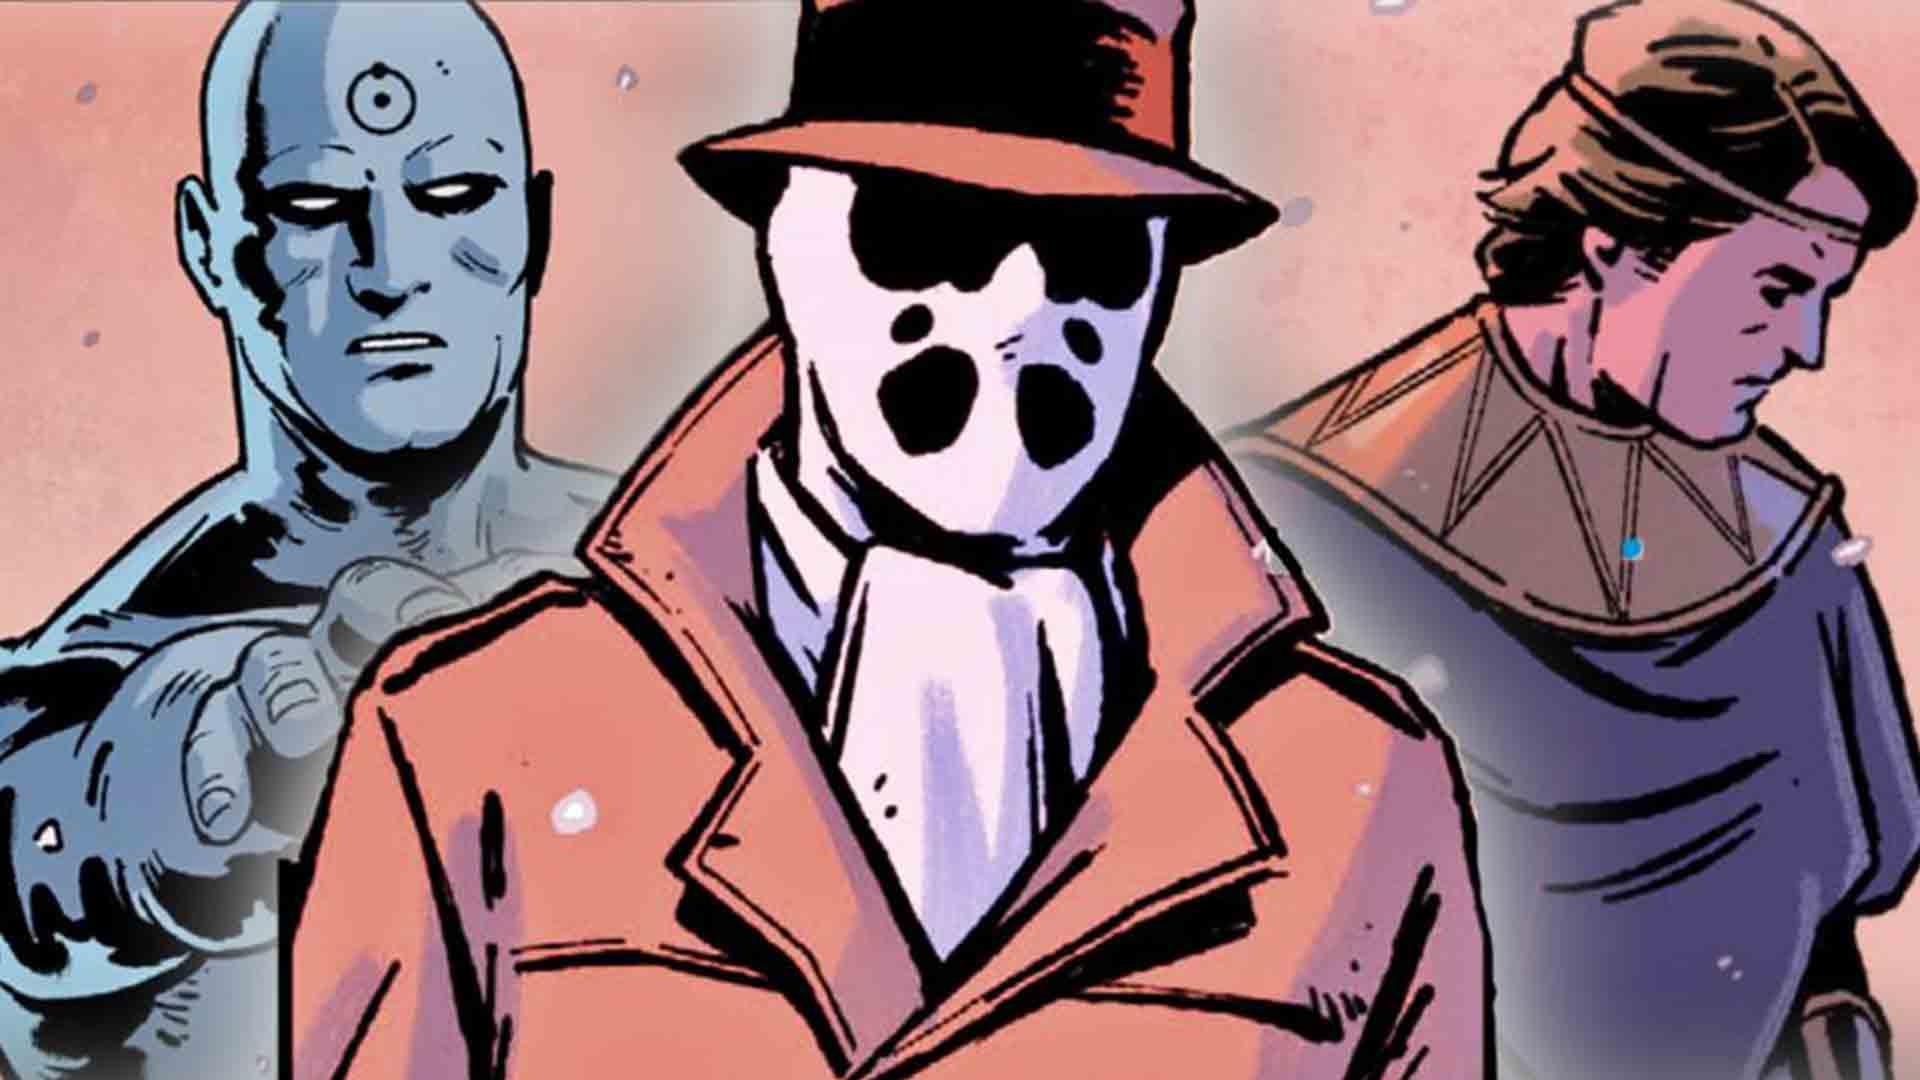 قسمت جدید مجموعه Rorschach احتمالا شرور اصلی این کمیک را مشخص کرد